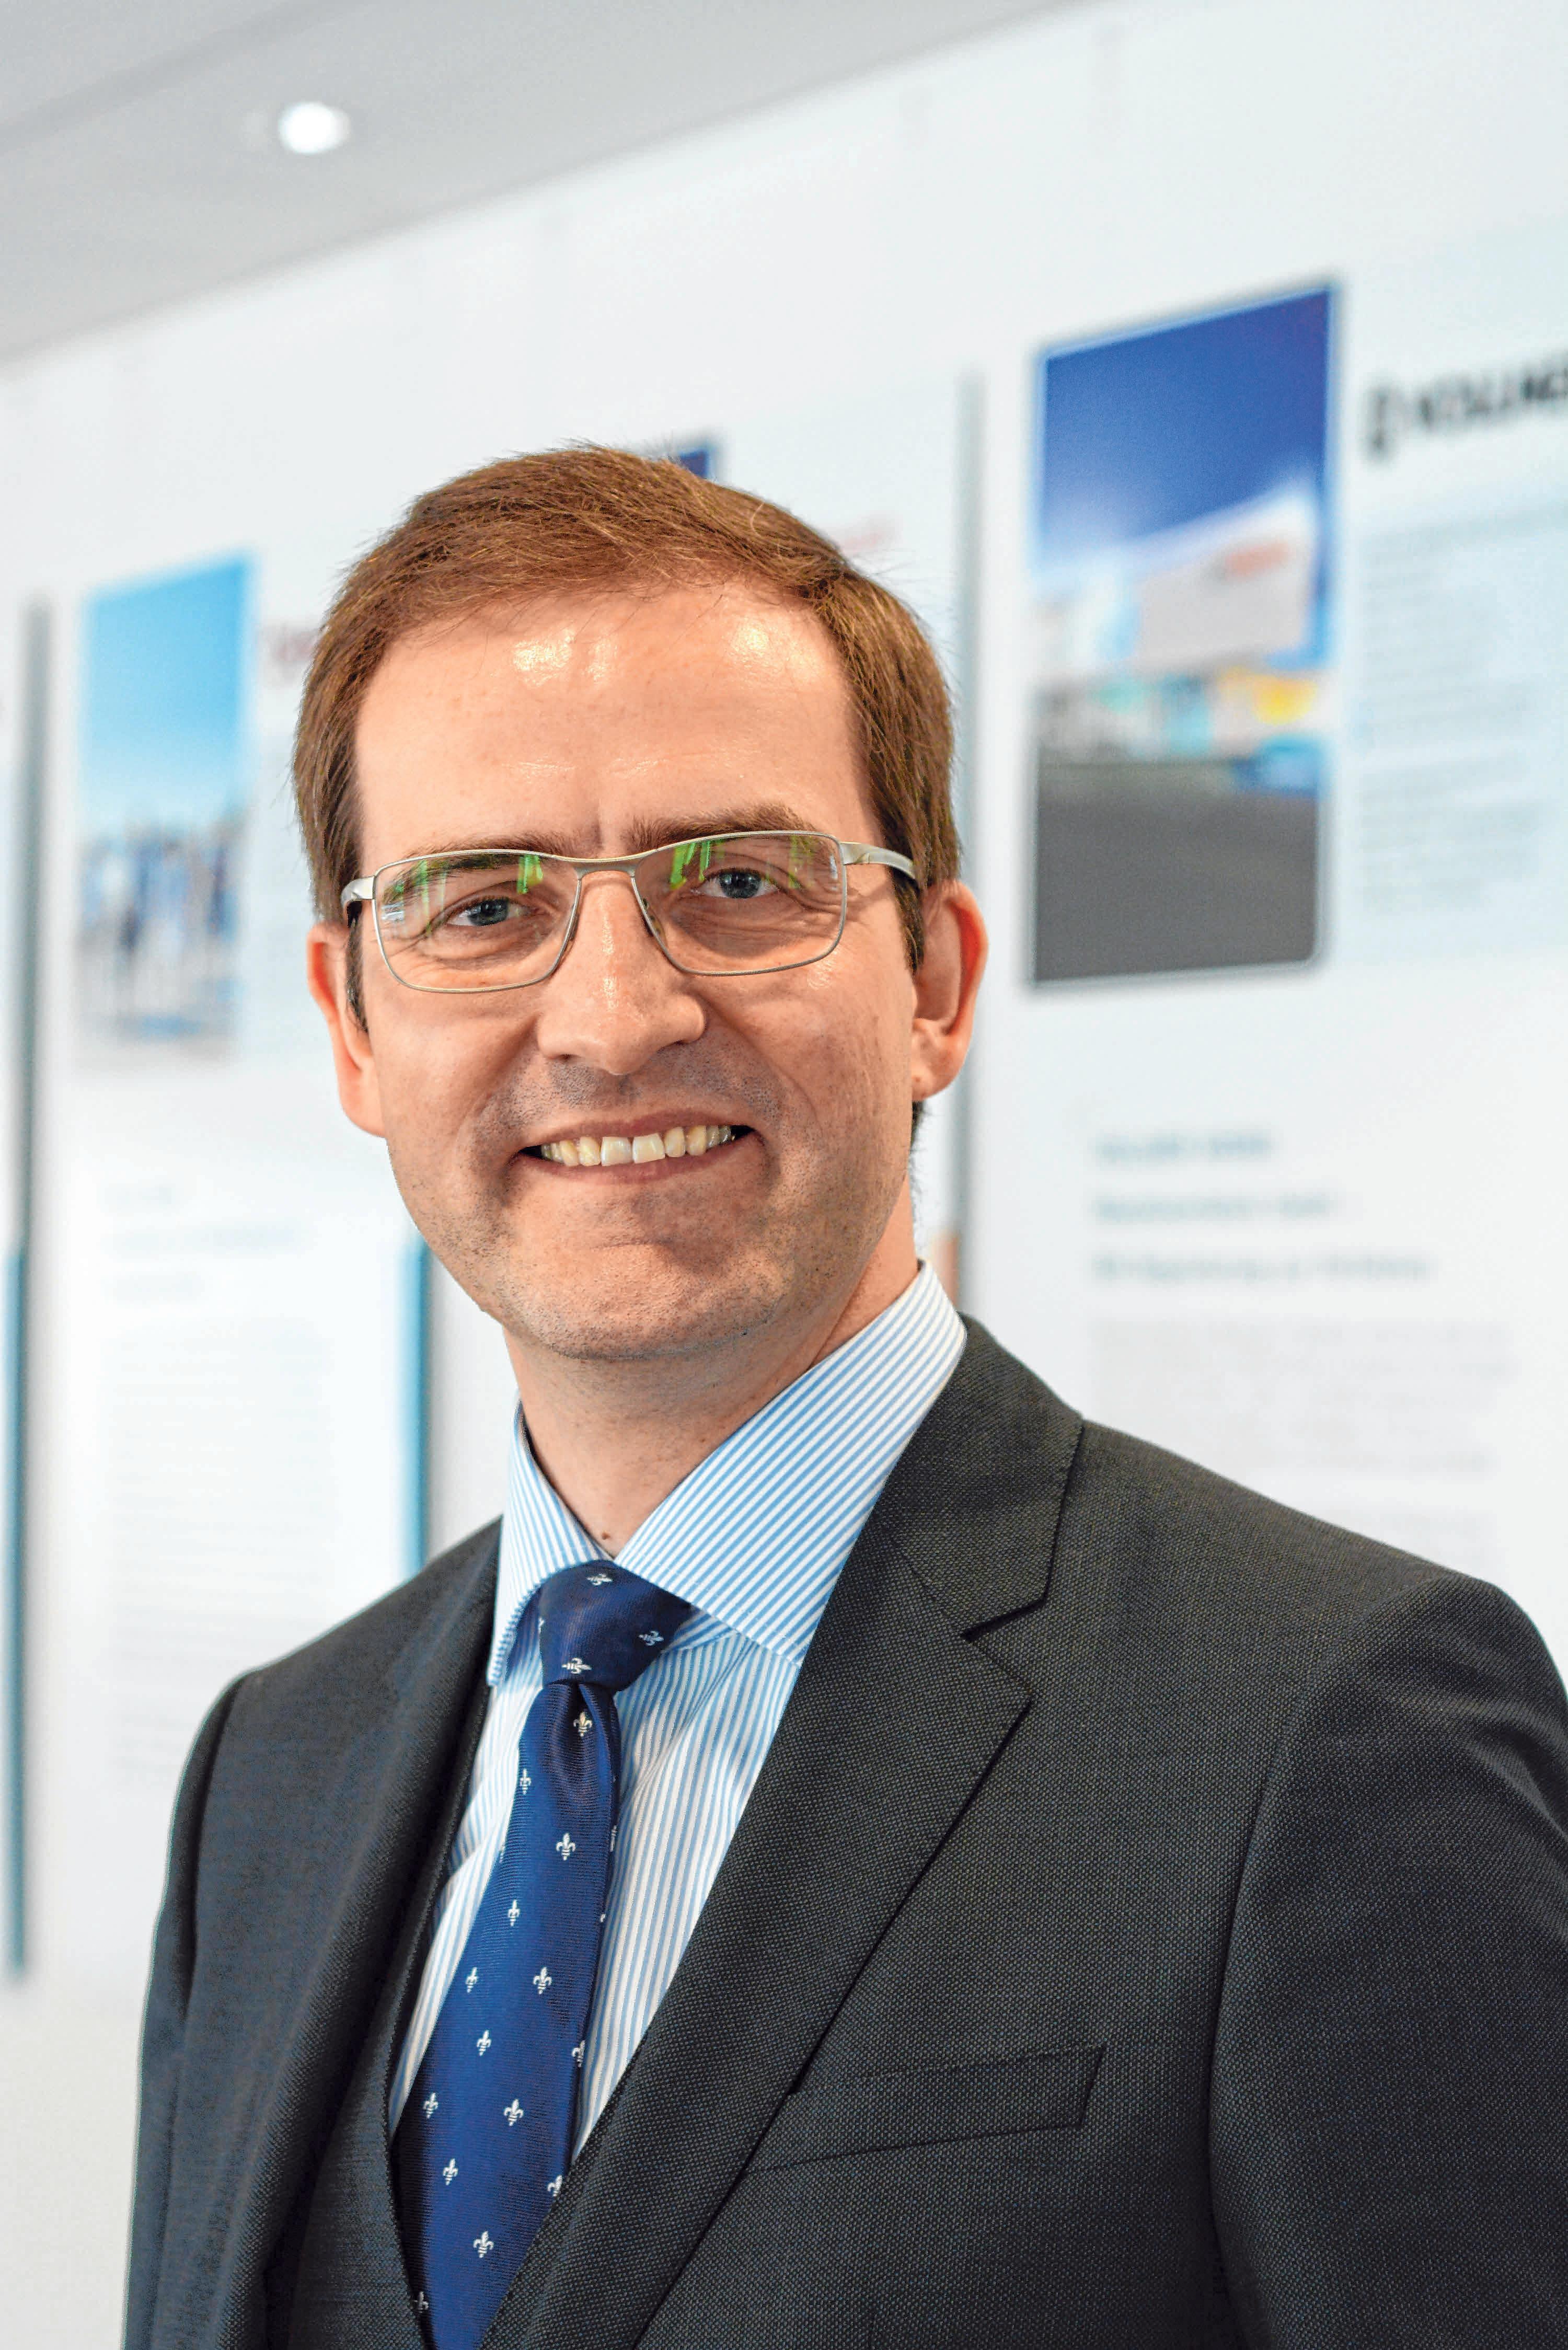 Max-Martin Deinhard, Hauptgeschäftsführer der IHK Ulm, wünscht sich, dass die Gastronomie bald wieder öffnen darf. Foto: Schneider